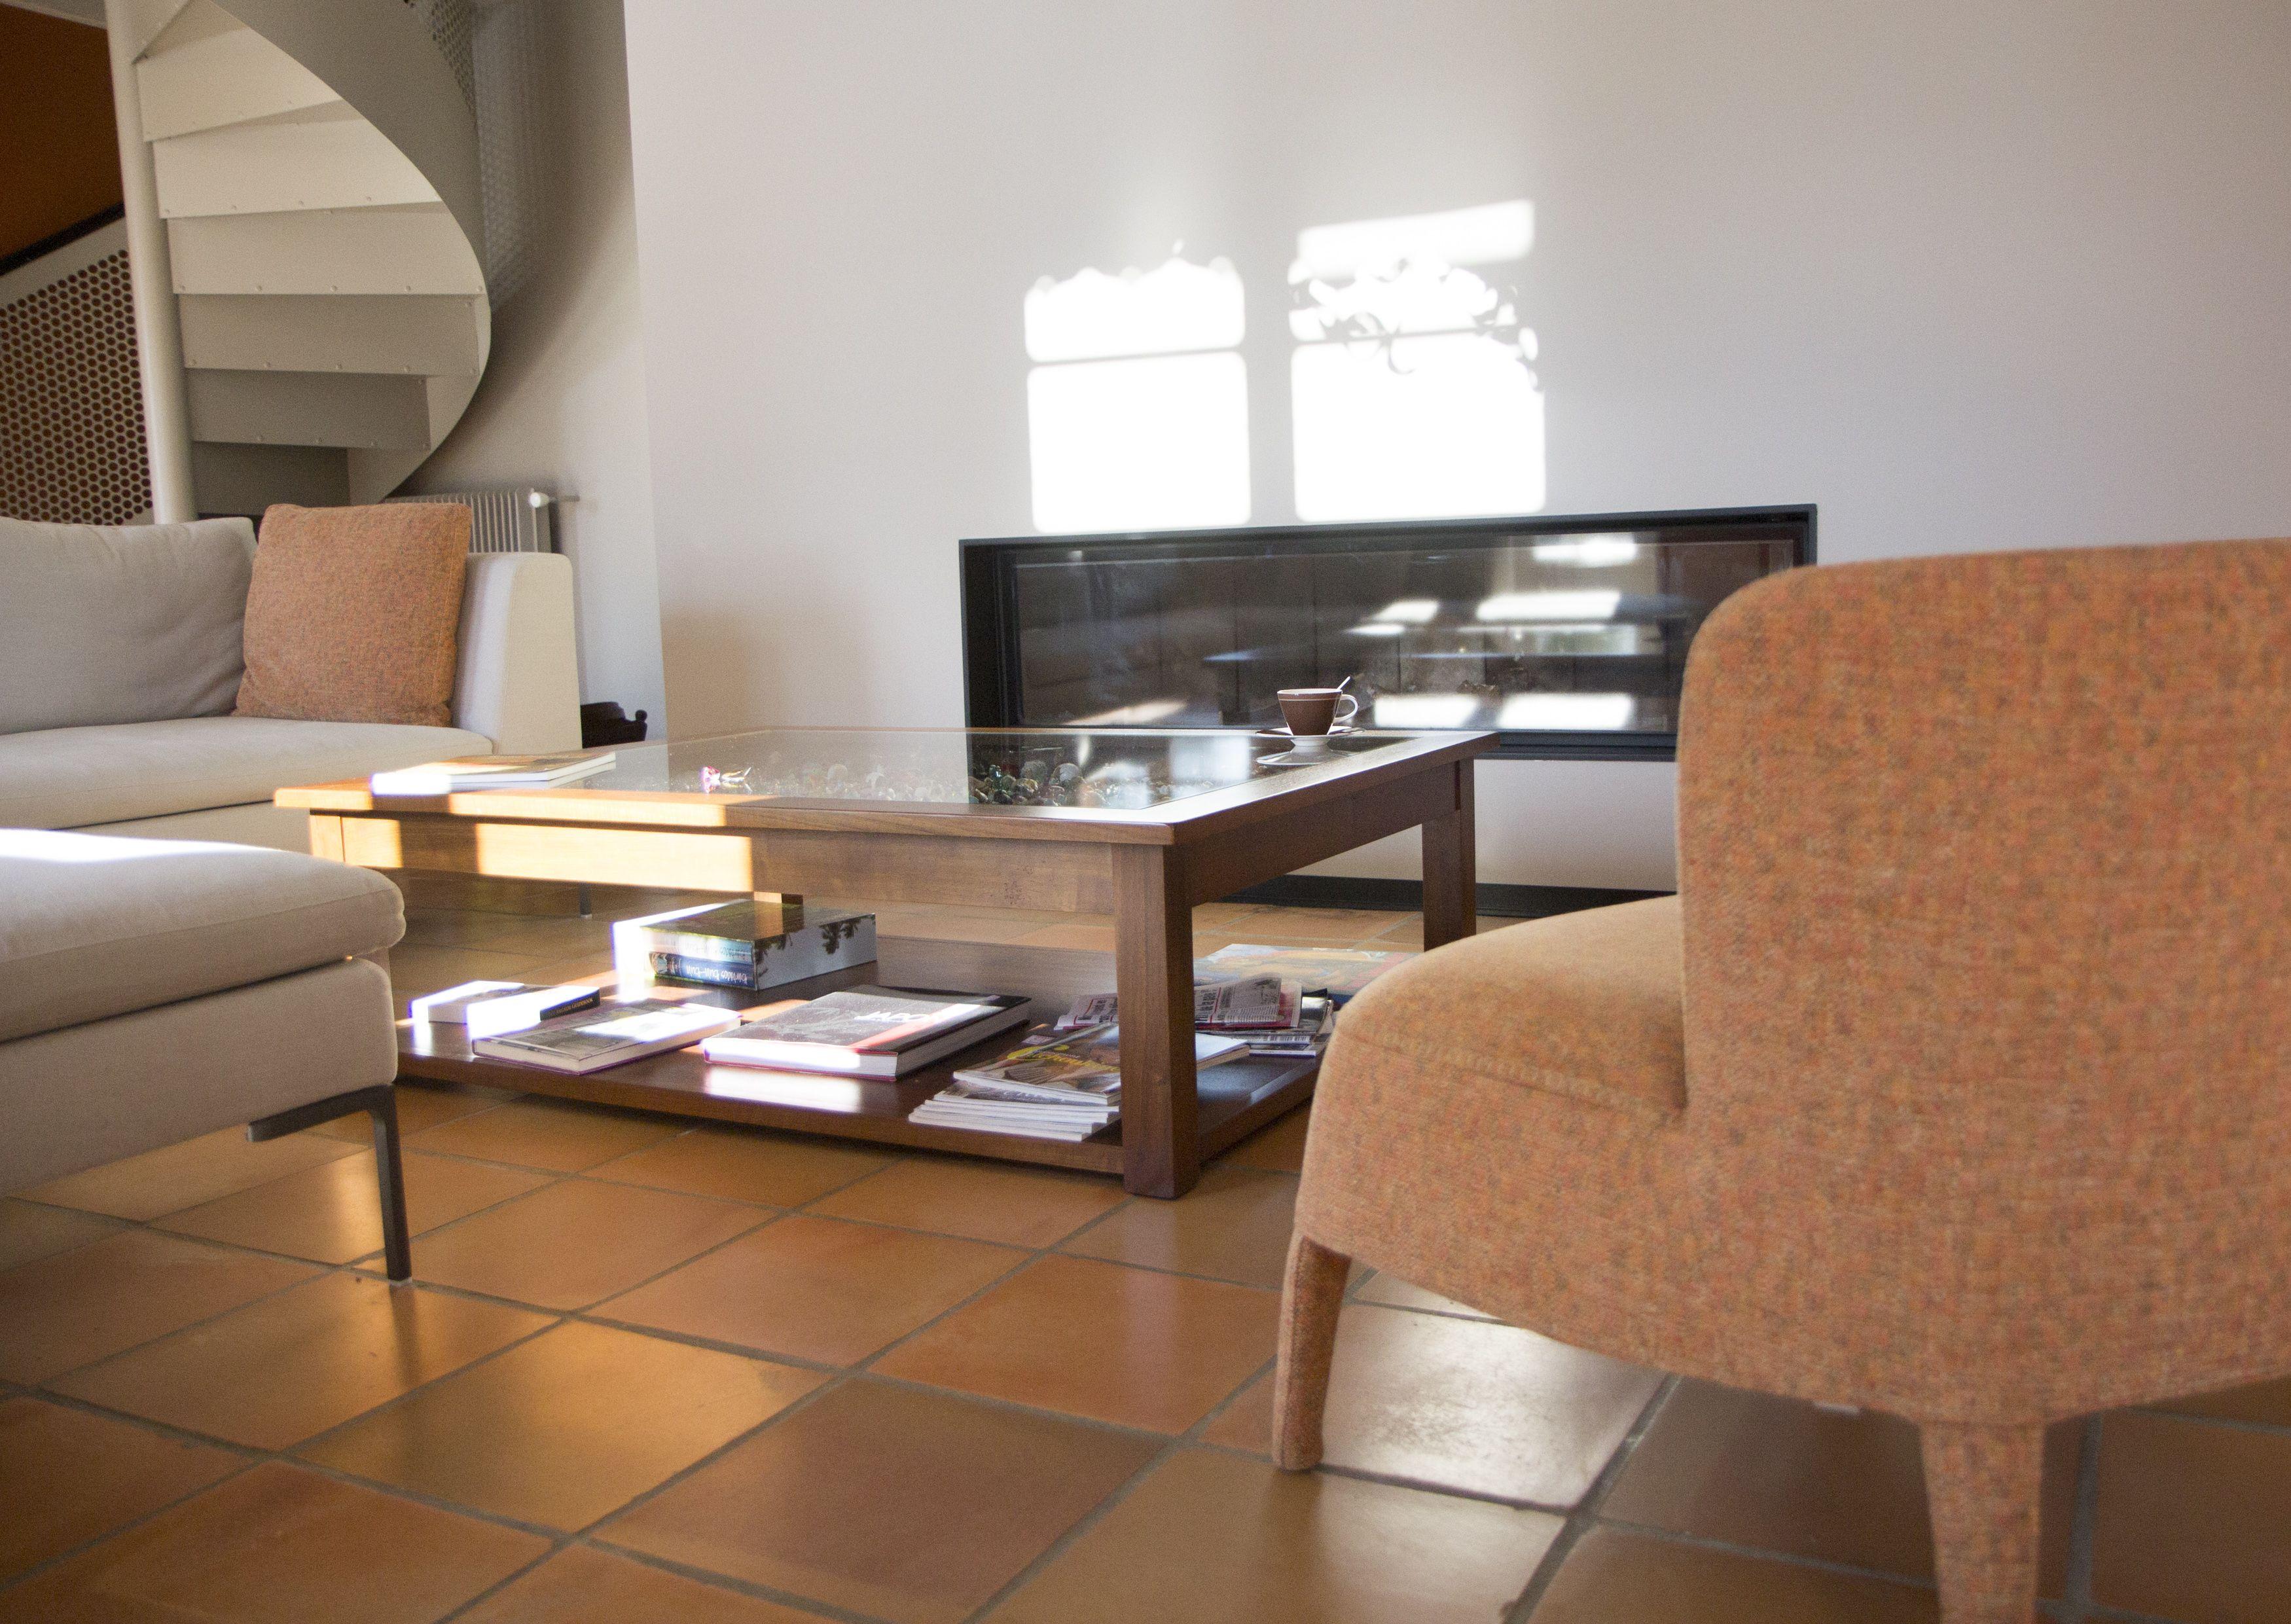 rnovation maison de campagne salon teinte chaude ambiance chaleureuse chemine focus - Rnovation Maison De Campagne